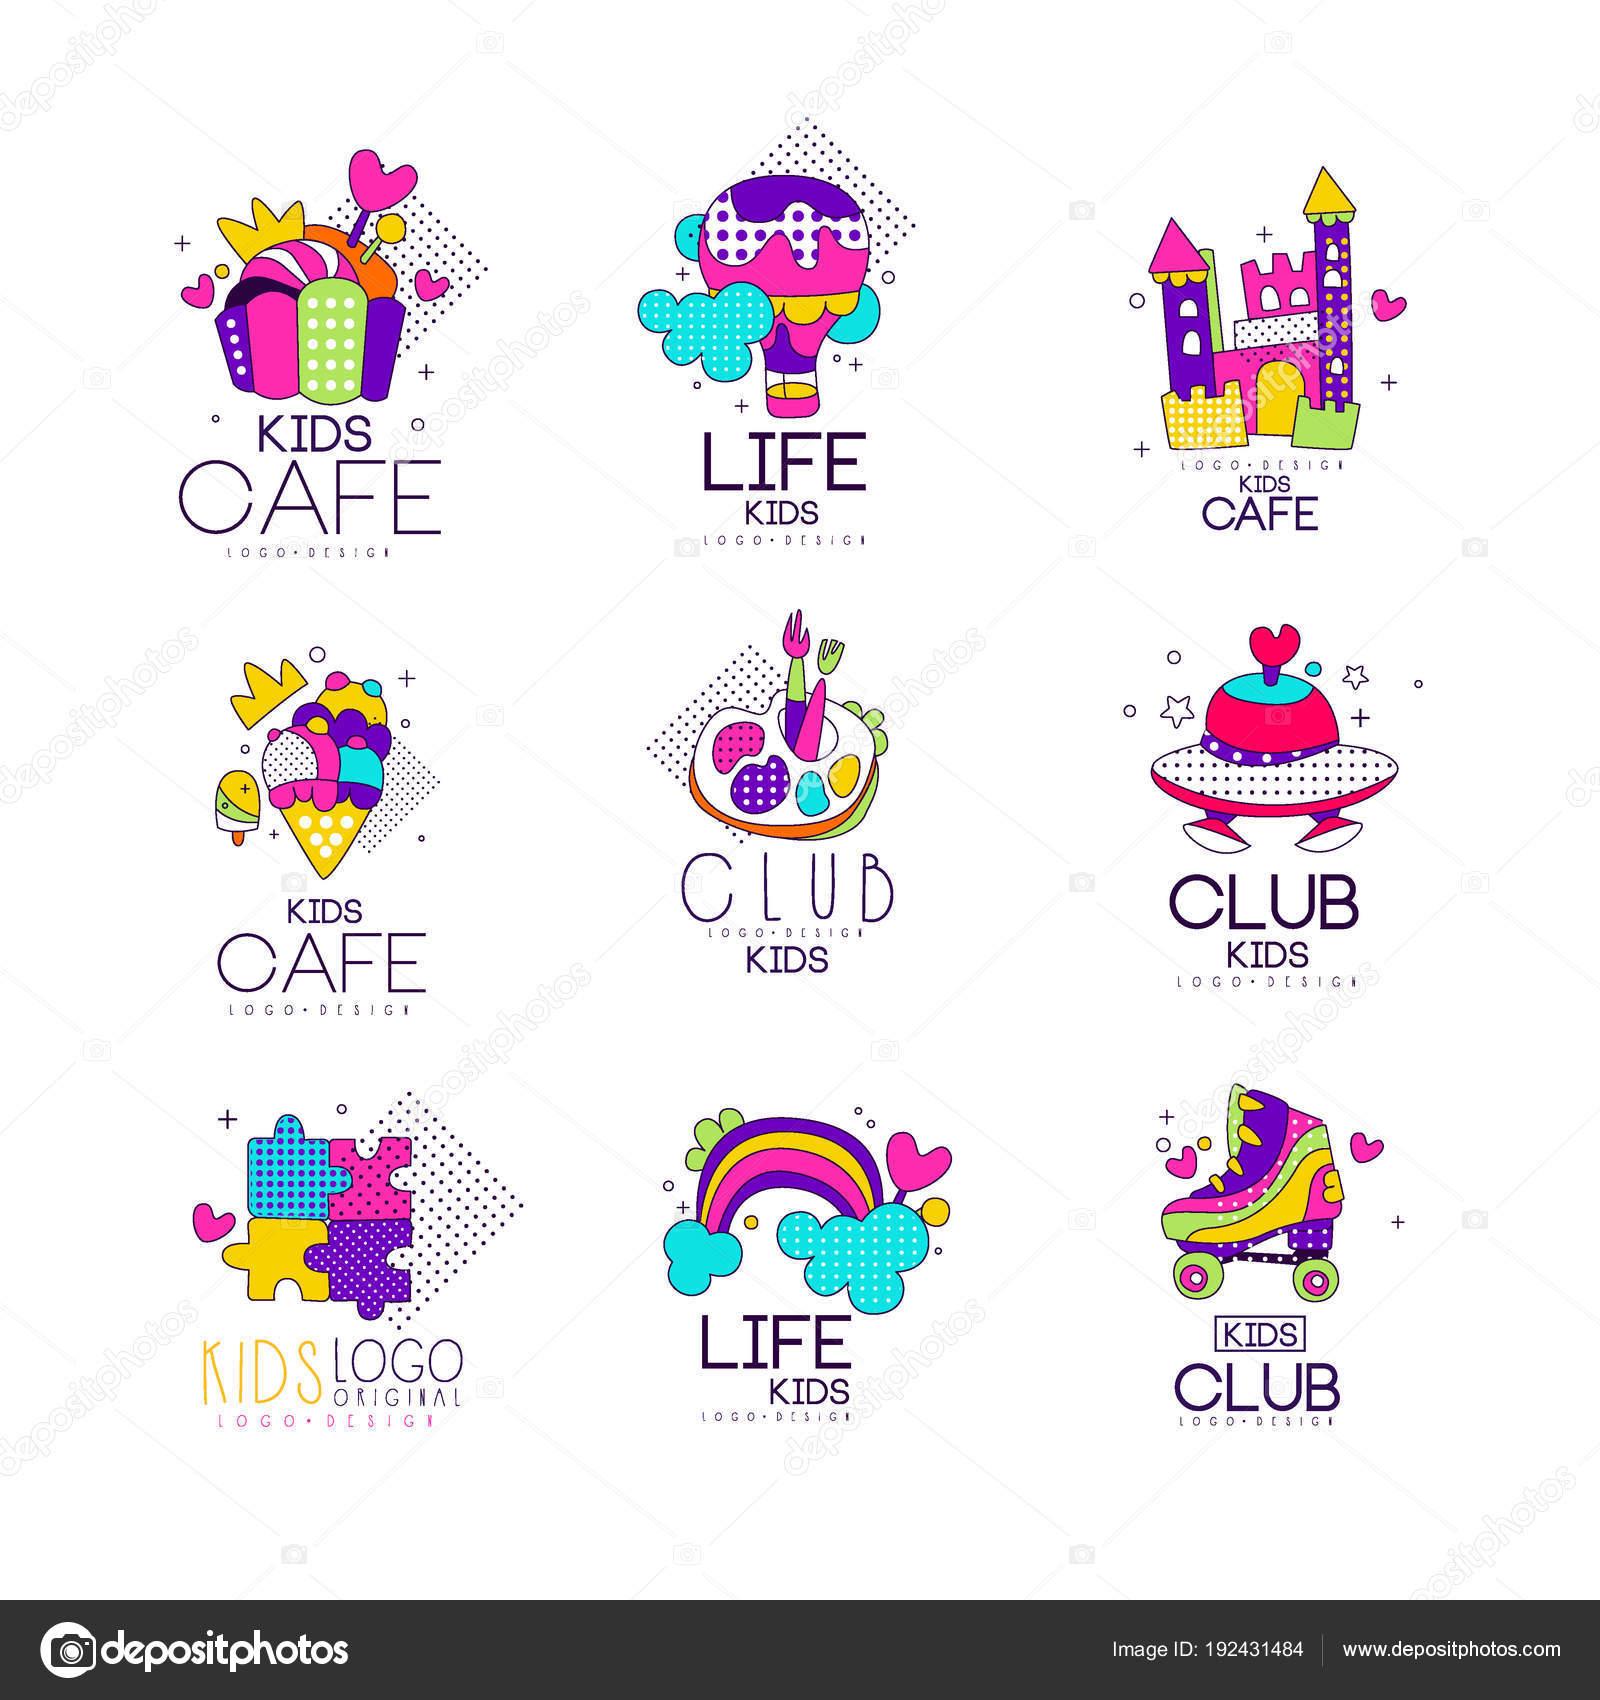 Sammlung von Kinder-Logo-Vorlagen-Set, Kinder-Café, Club, Leben ...